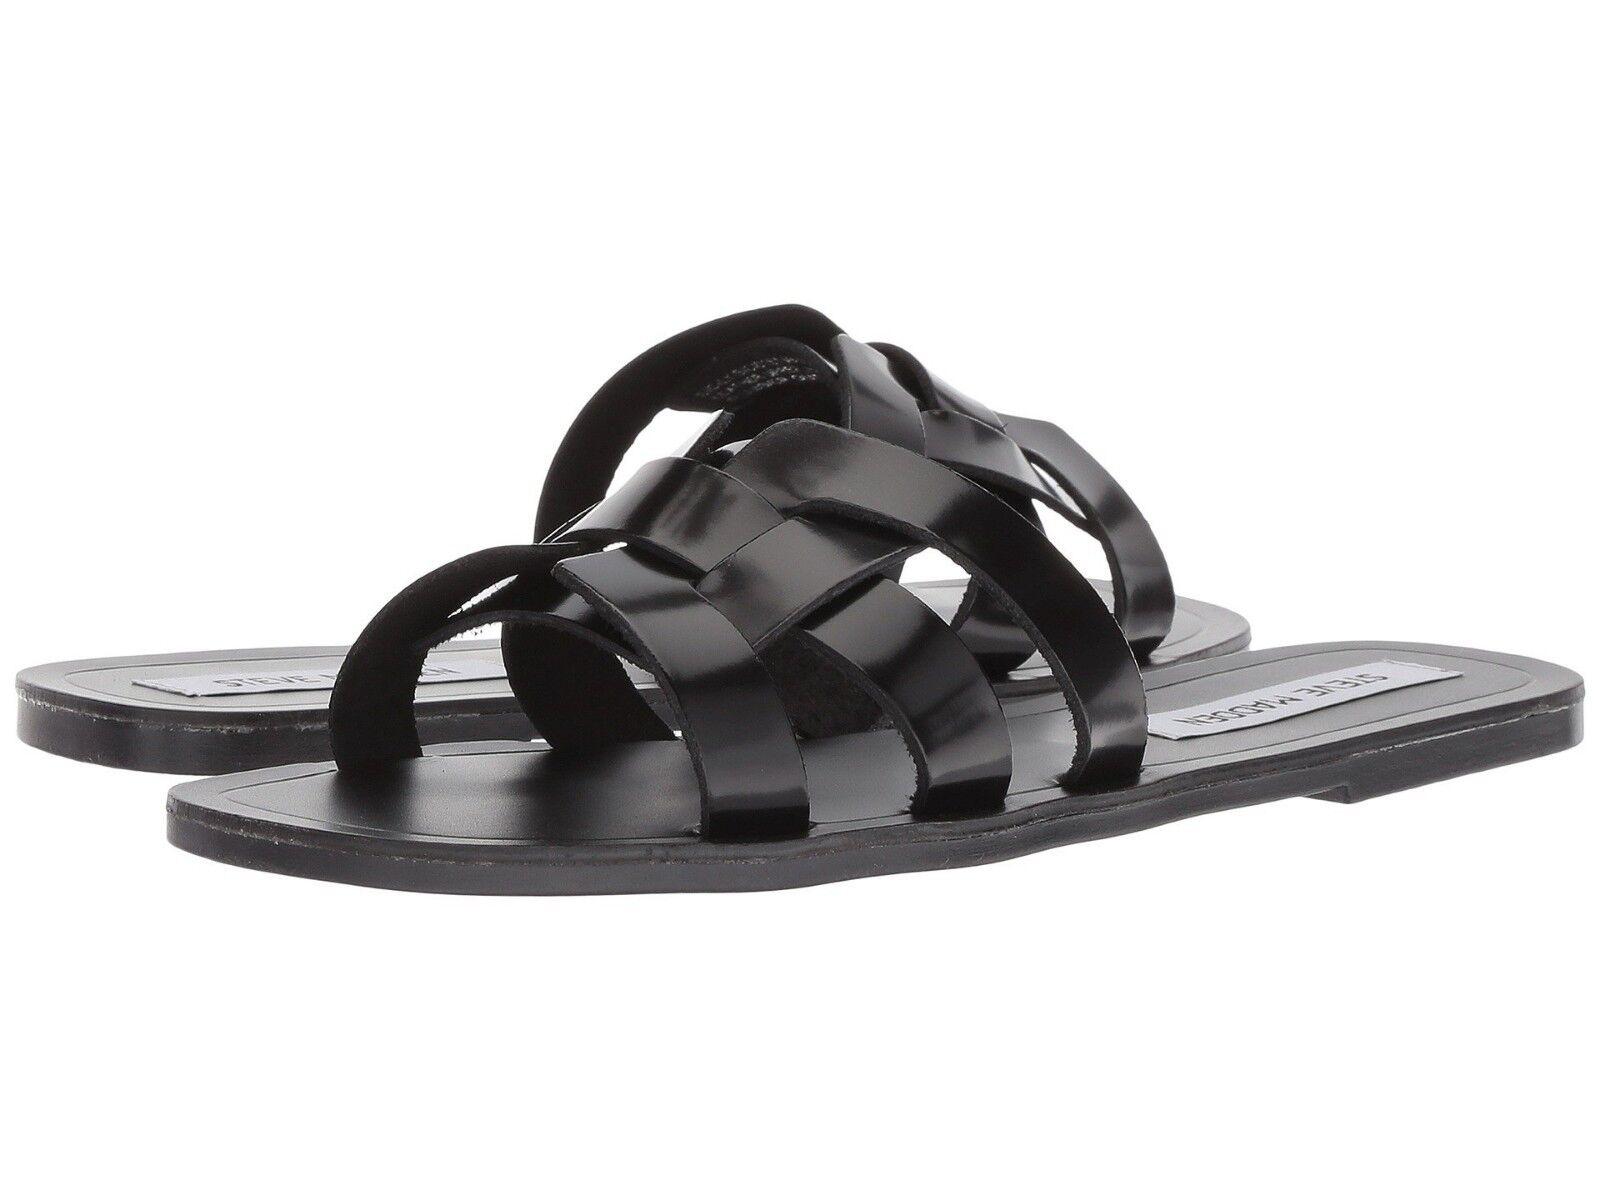 Steve Madden SICILY Slide Flats Seals nero donna Dimensione 7.5 fatto in